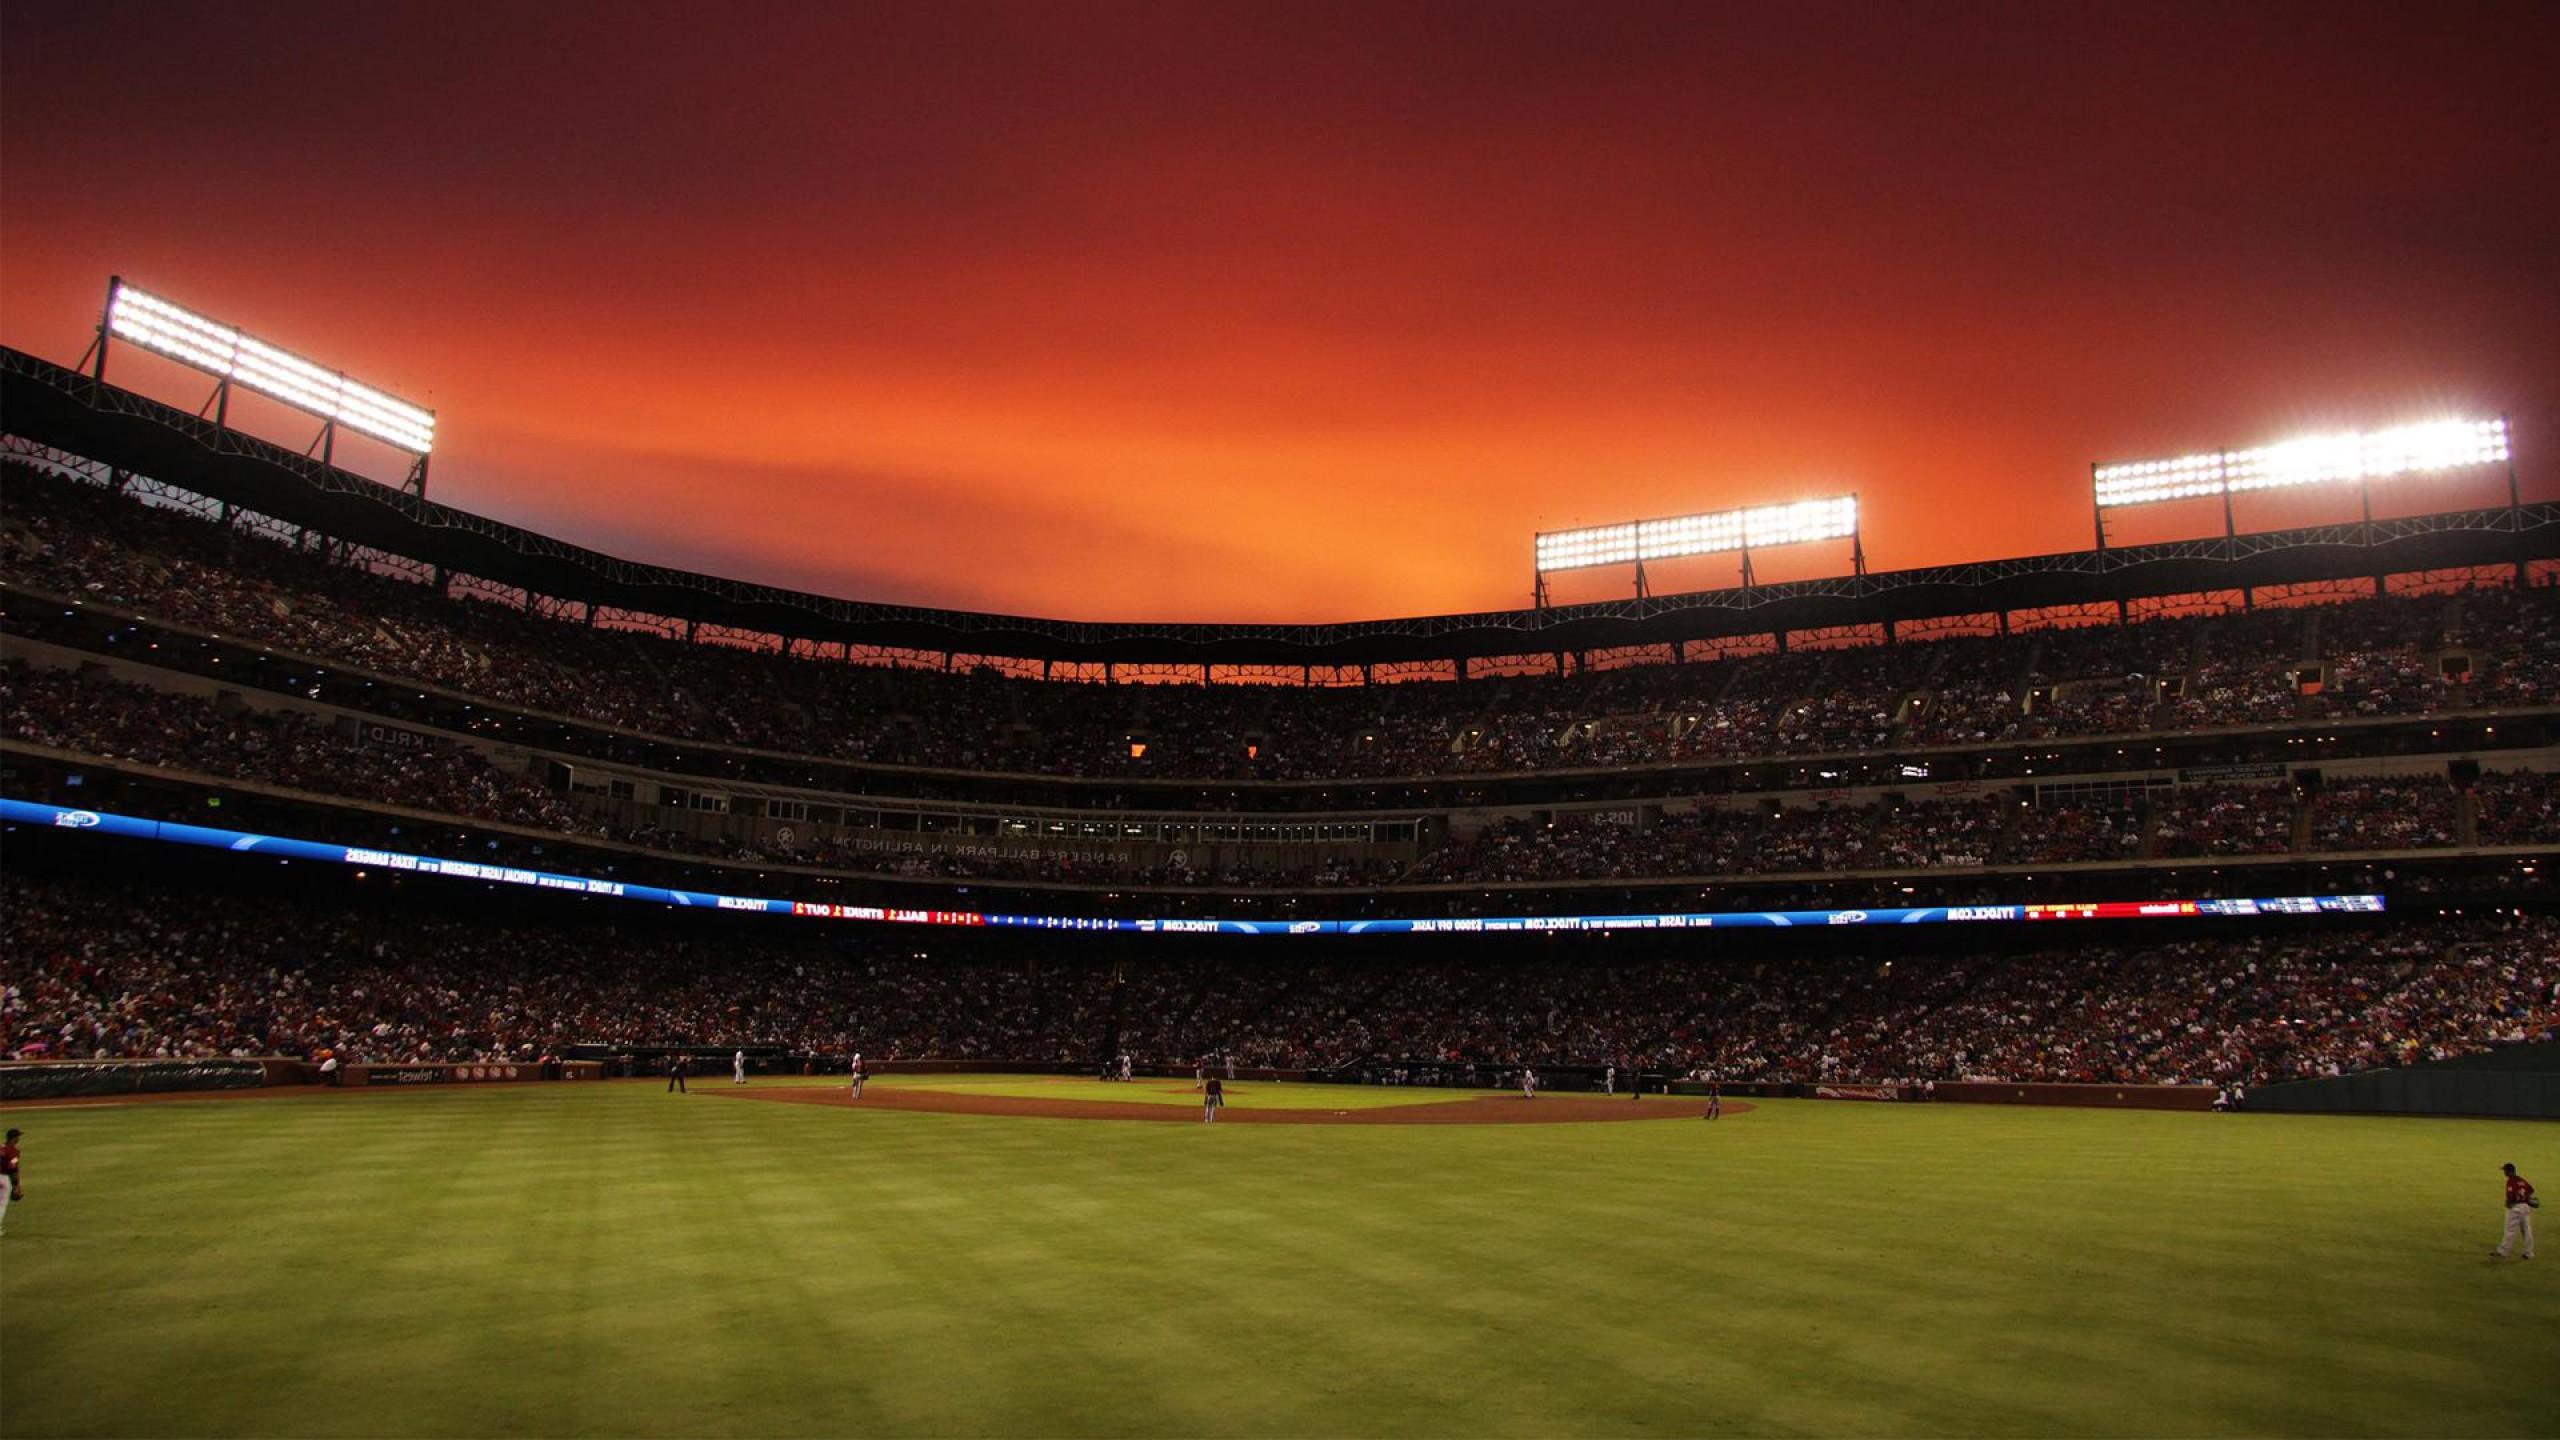 wallpaper baseball sports stadium 2560x1440 2560x1440